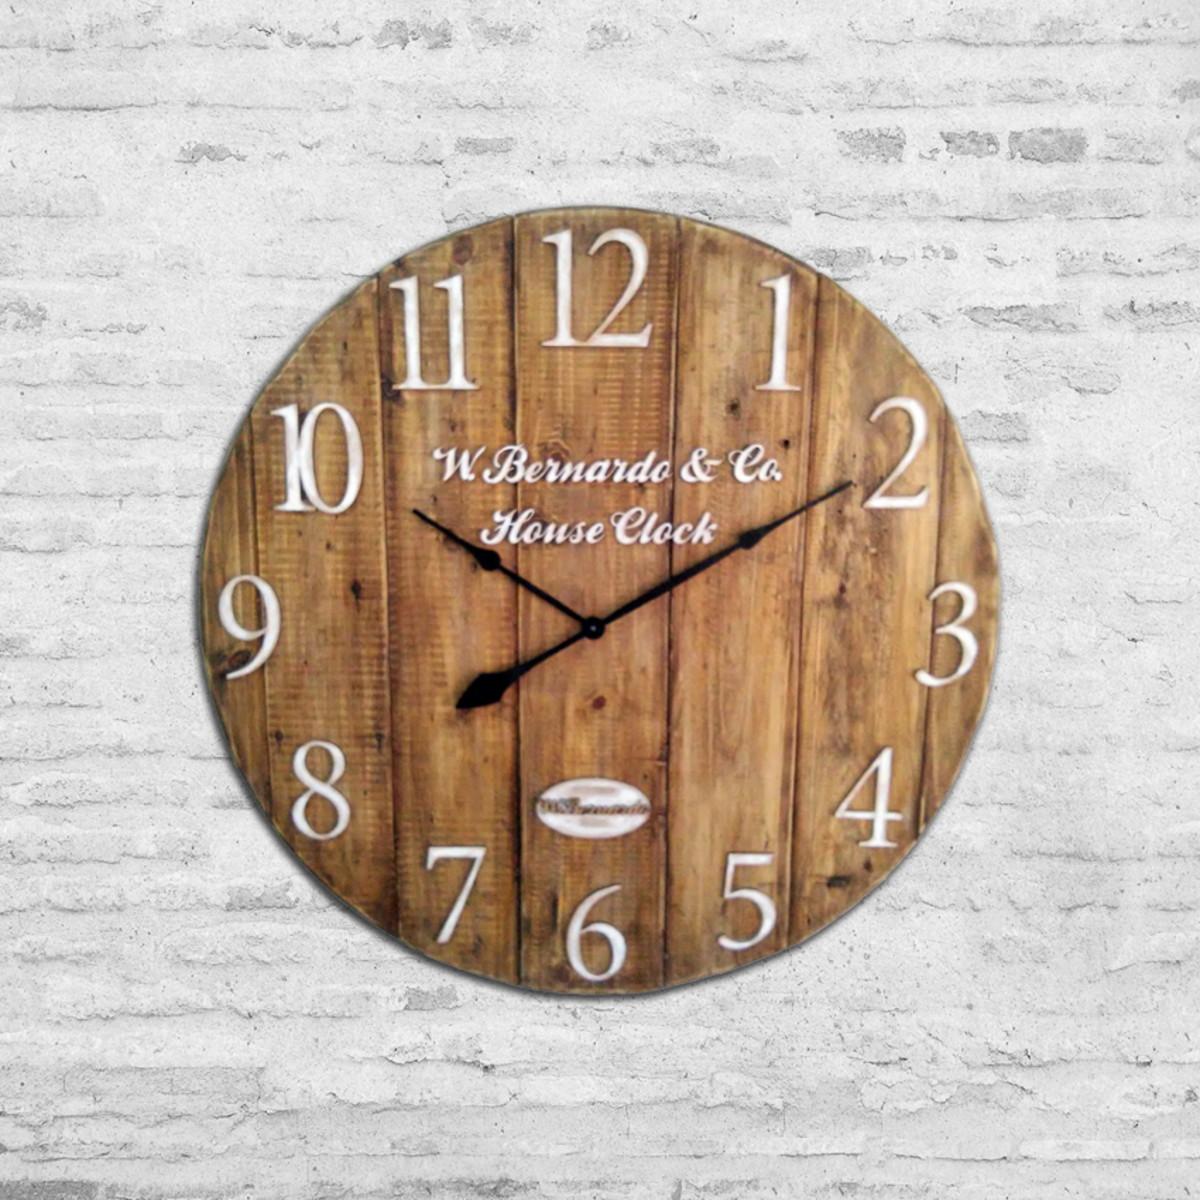 6a19bb9fc9d Relógio de Parede em Madeira Artesanal Grande 75cm no Elo7